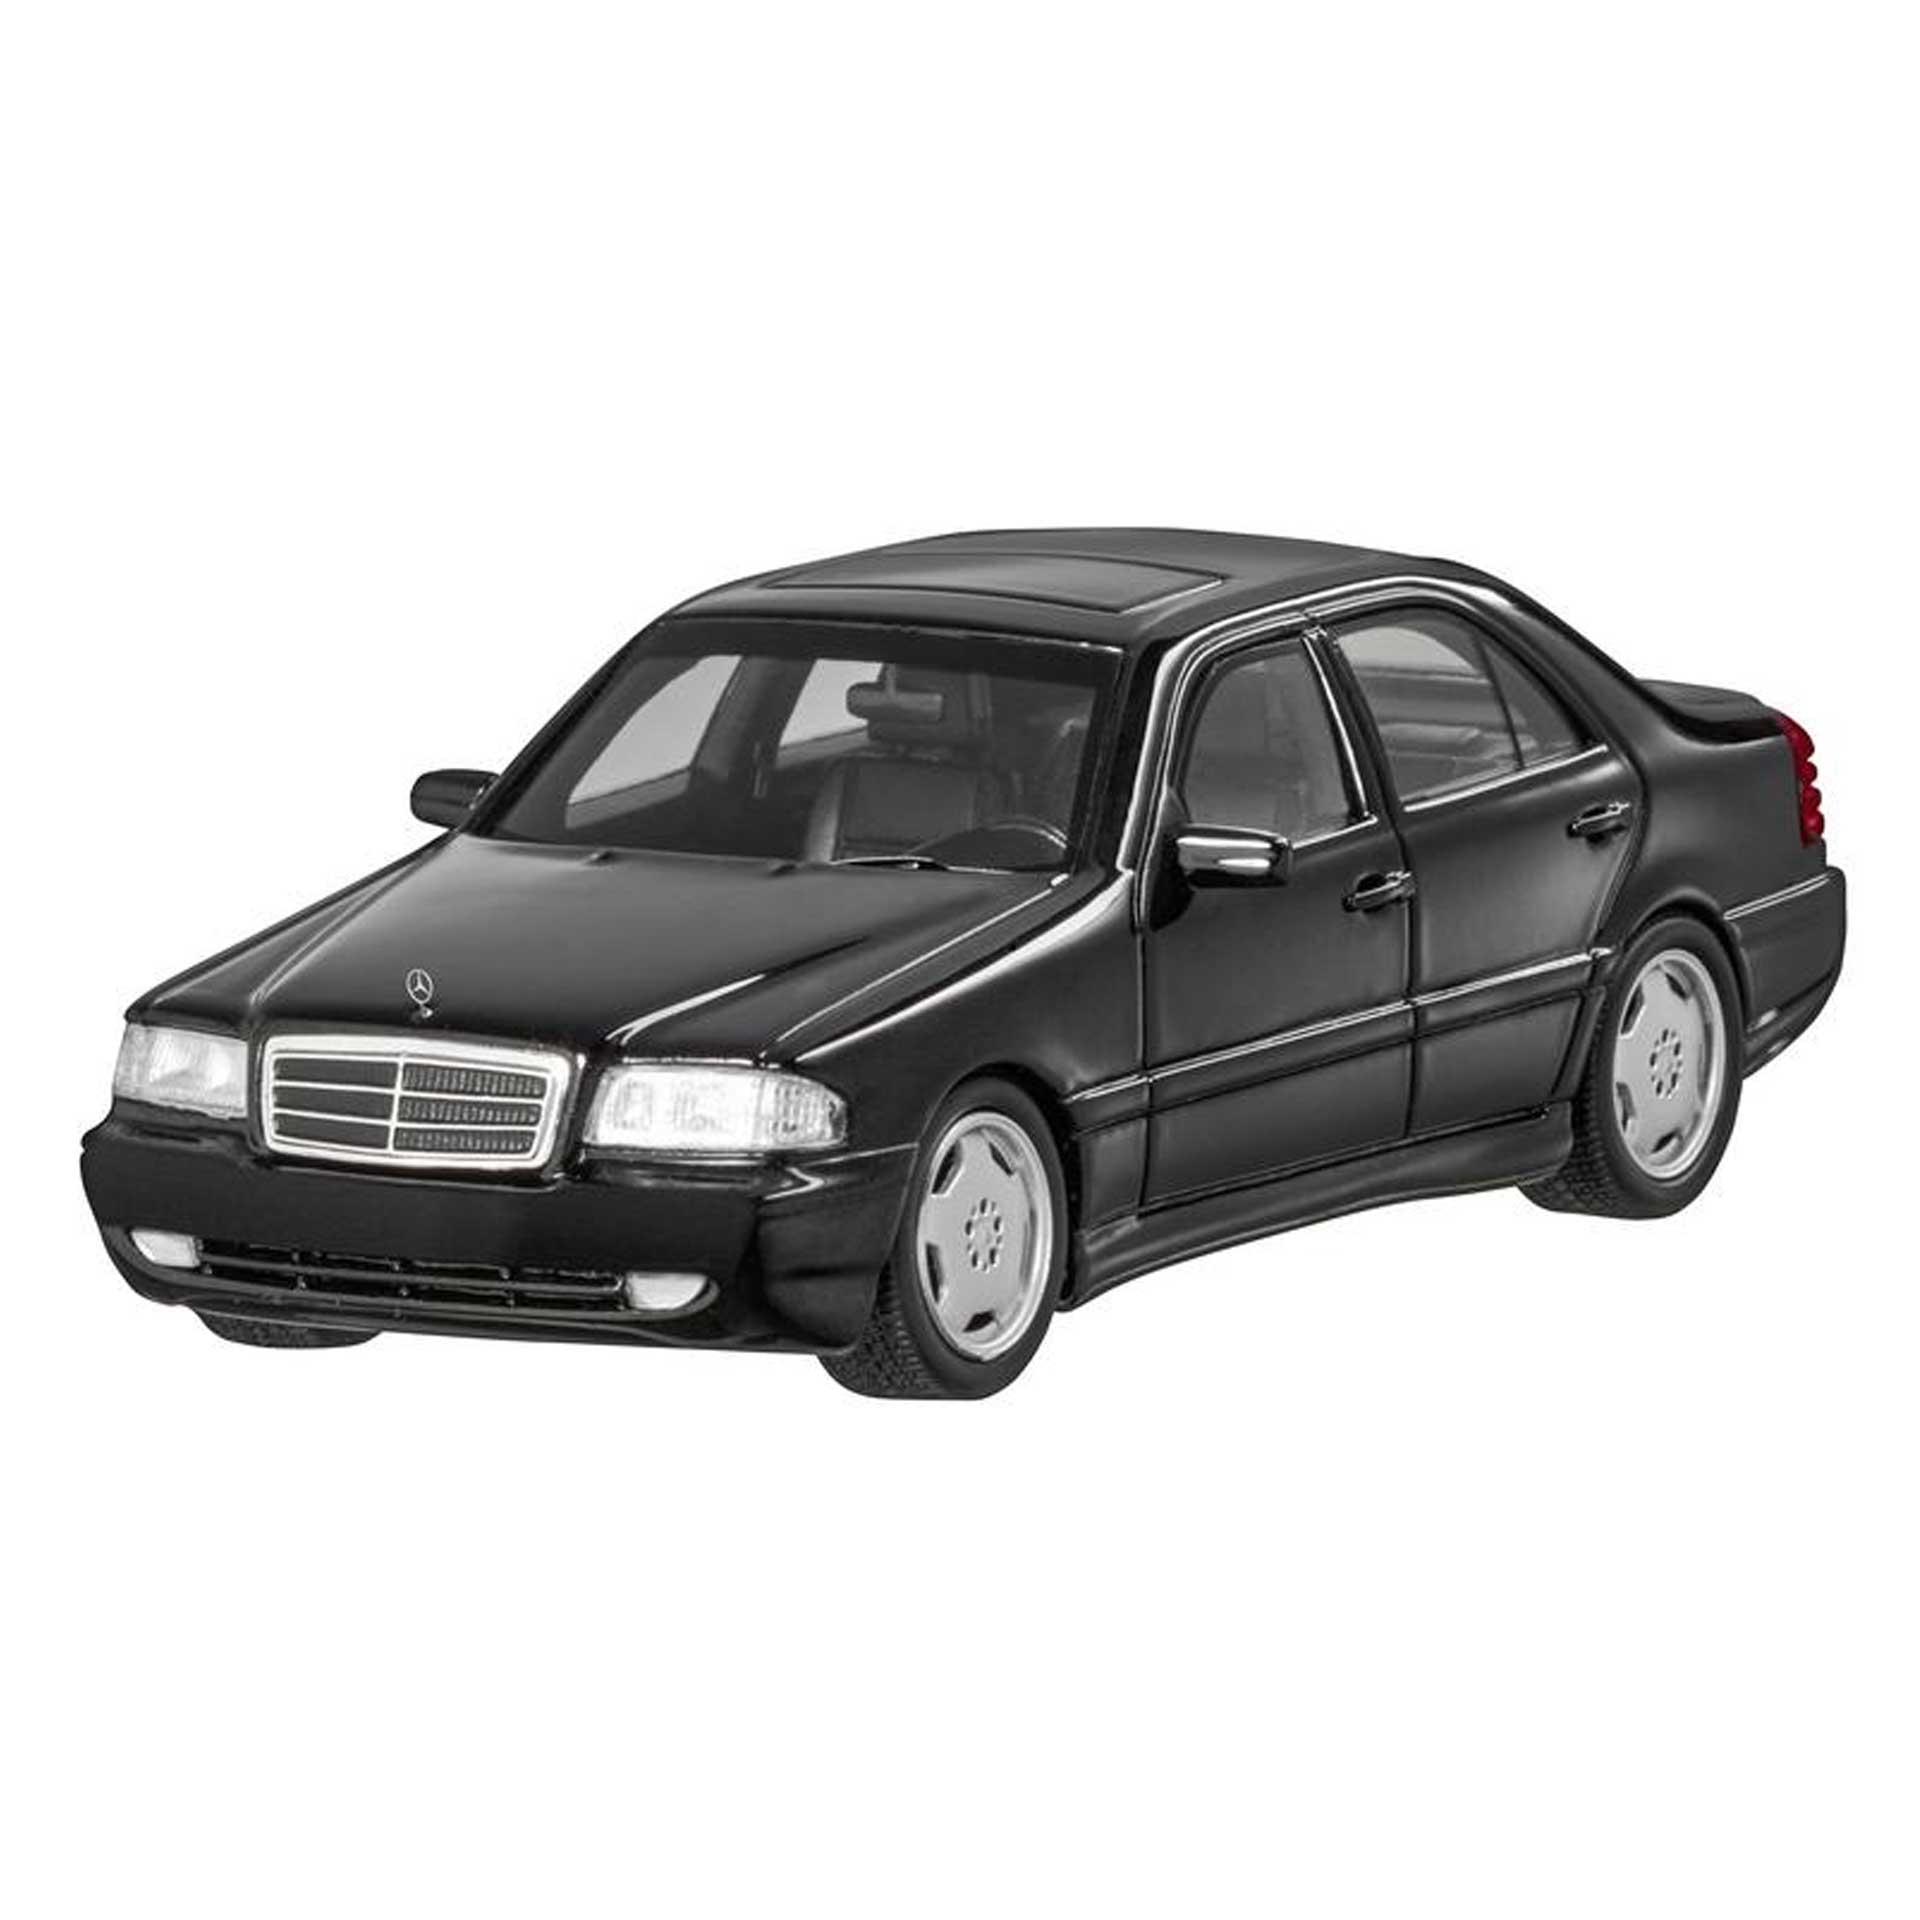 Mercedes-AMG Modellauto C 43 AMG W 202 (1997-2000) 1:43